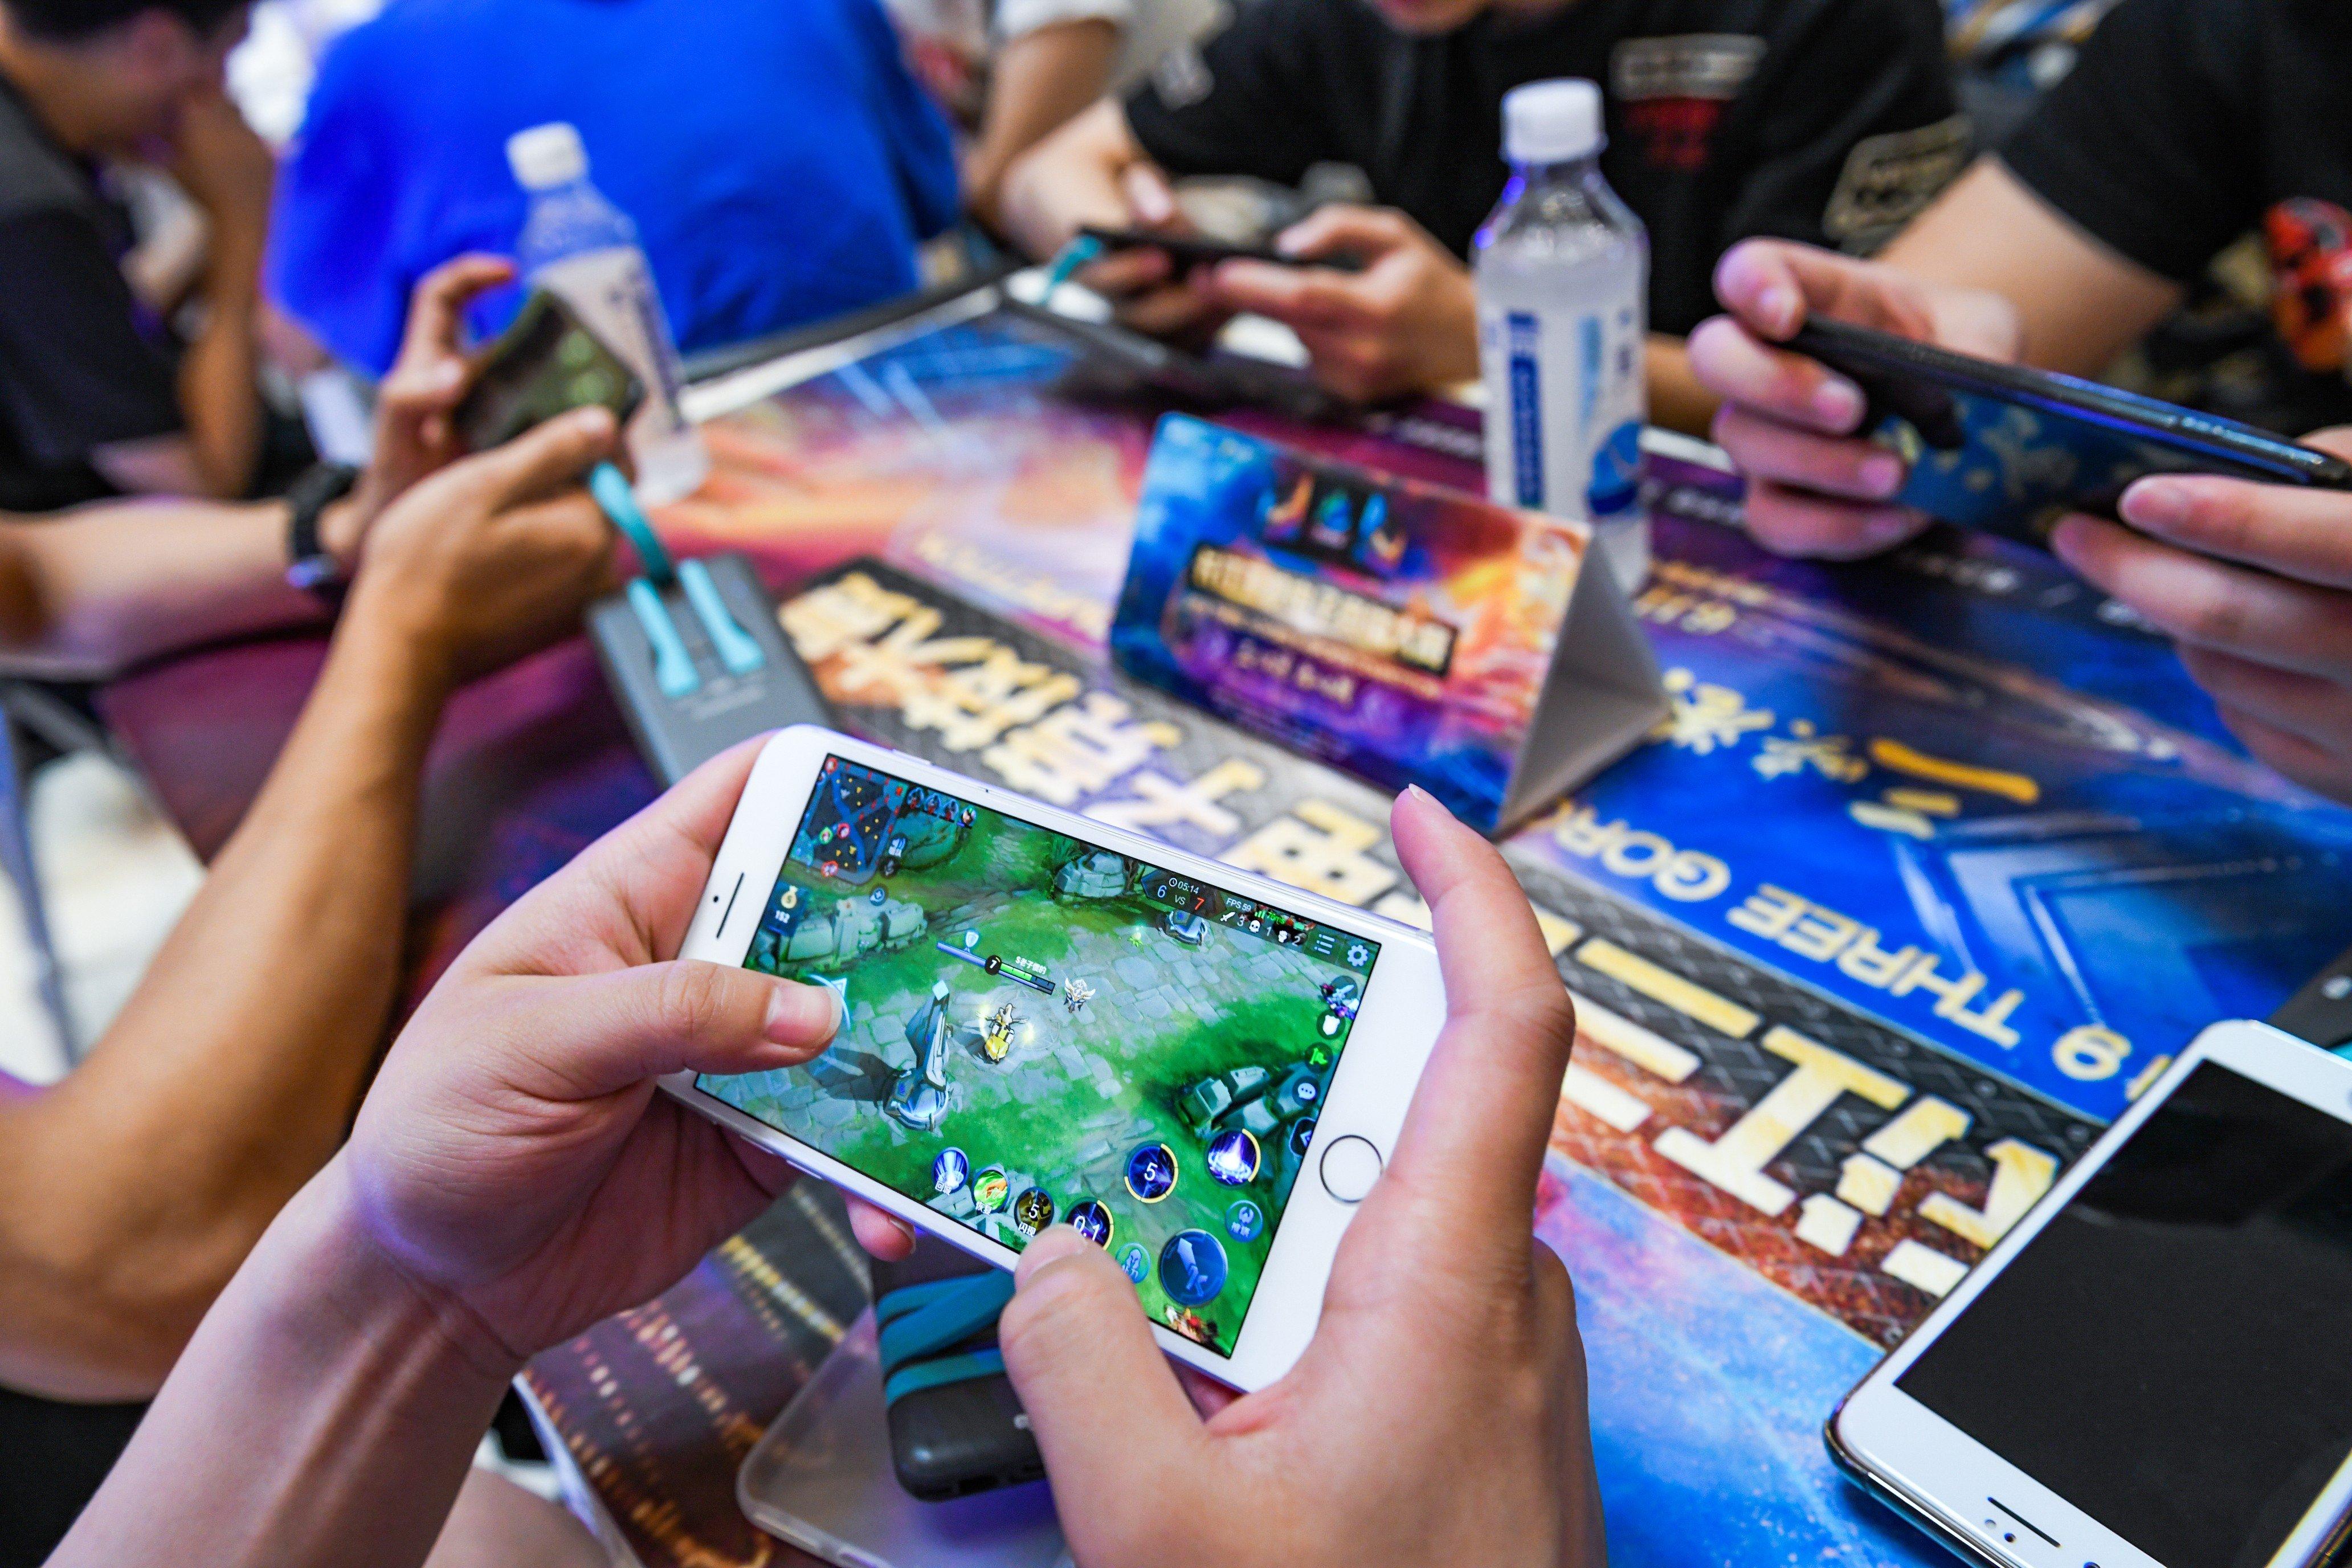 Tencent vượt Facebook trở thành công ty truyền thông mạng xã hội giá trị nhất thế giới - Ảnh 2.